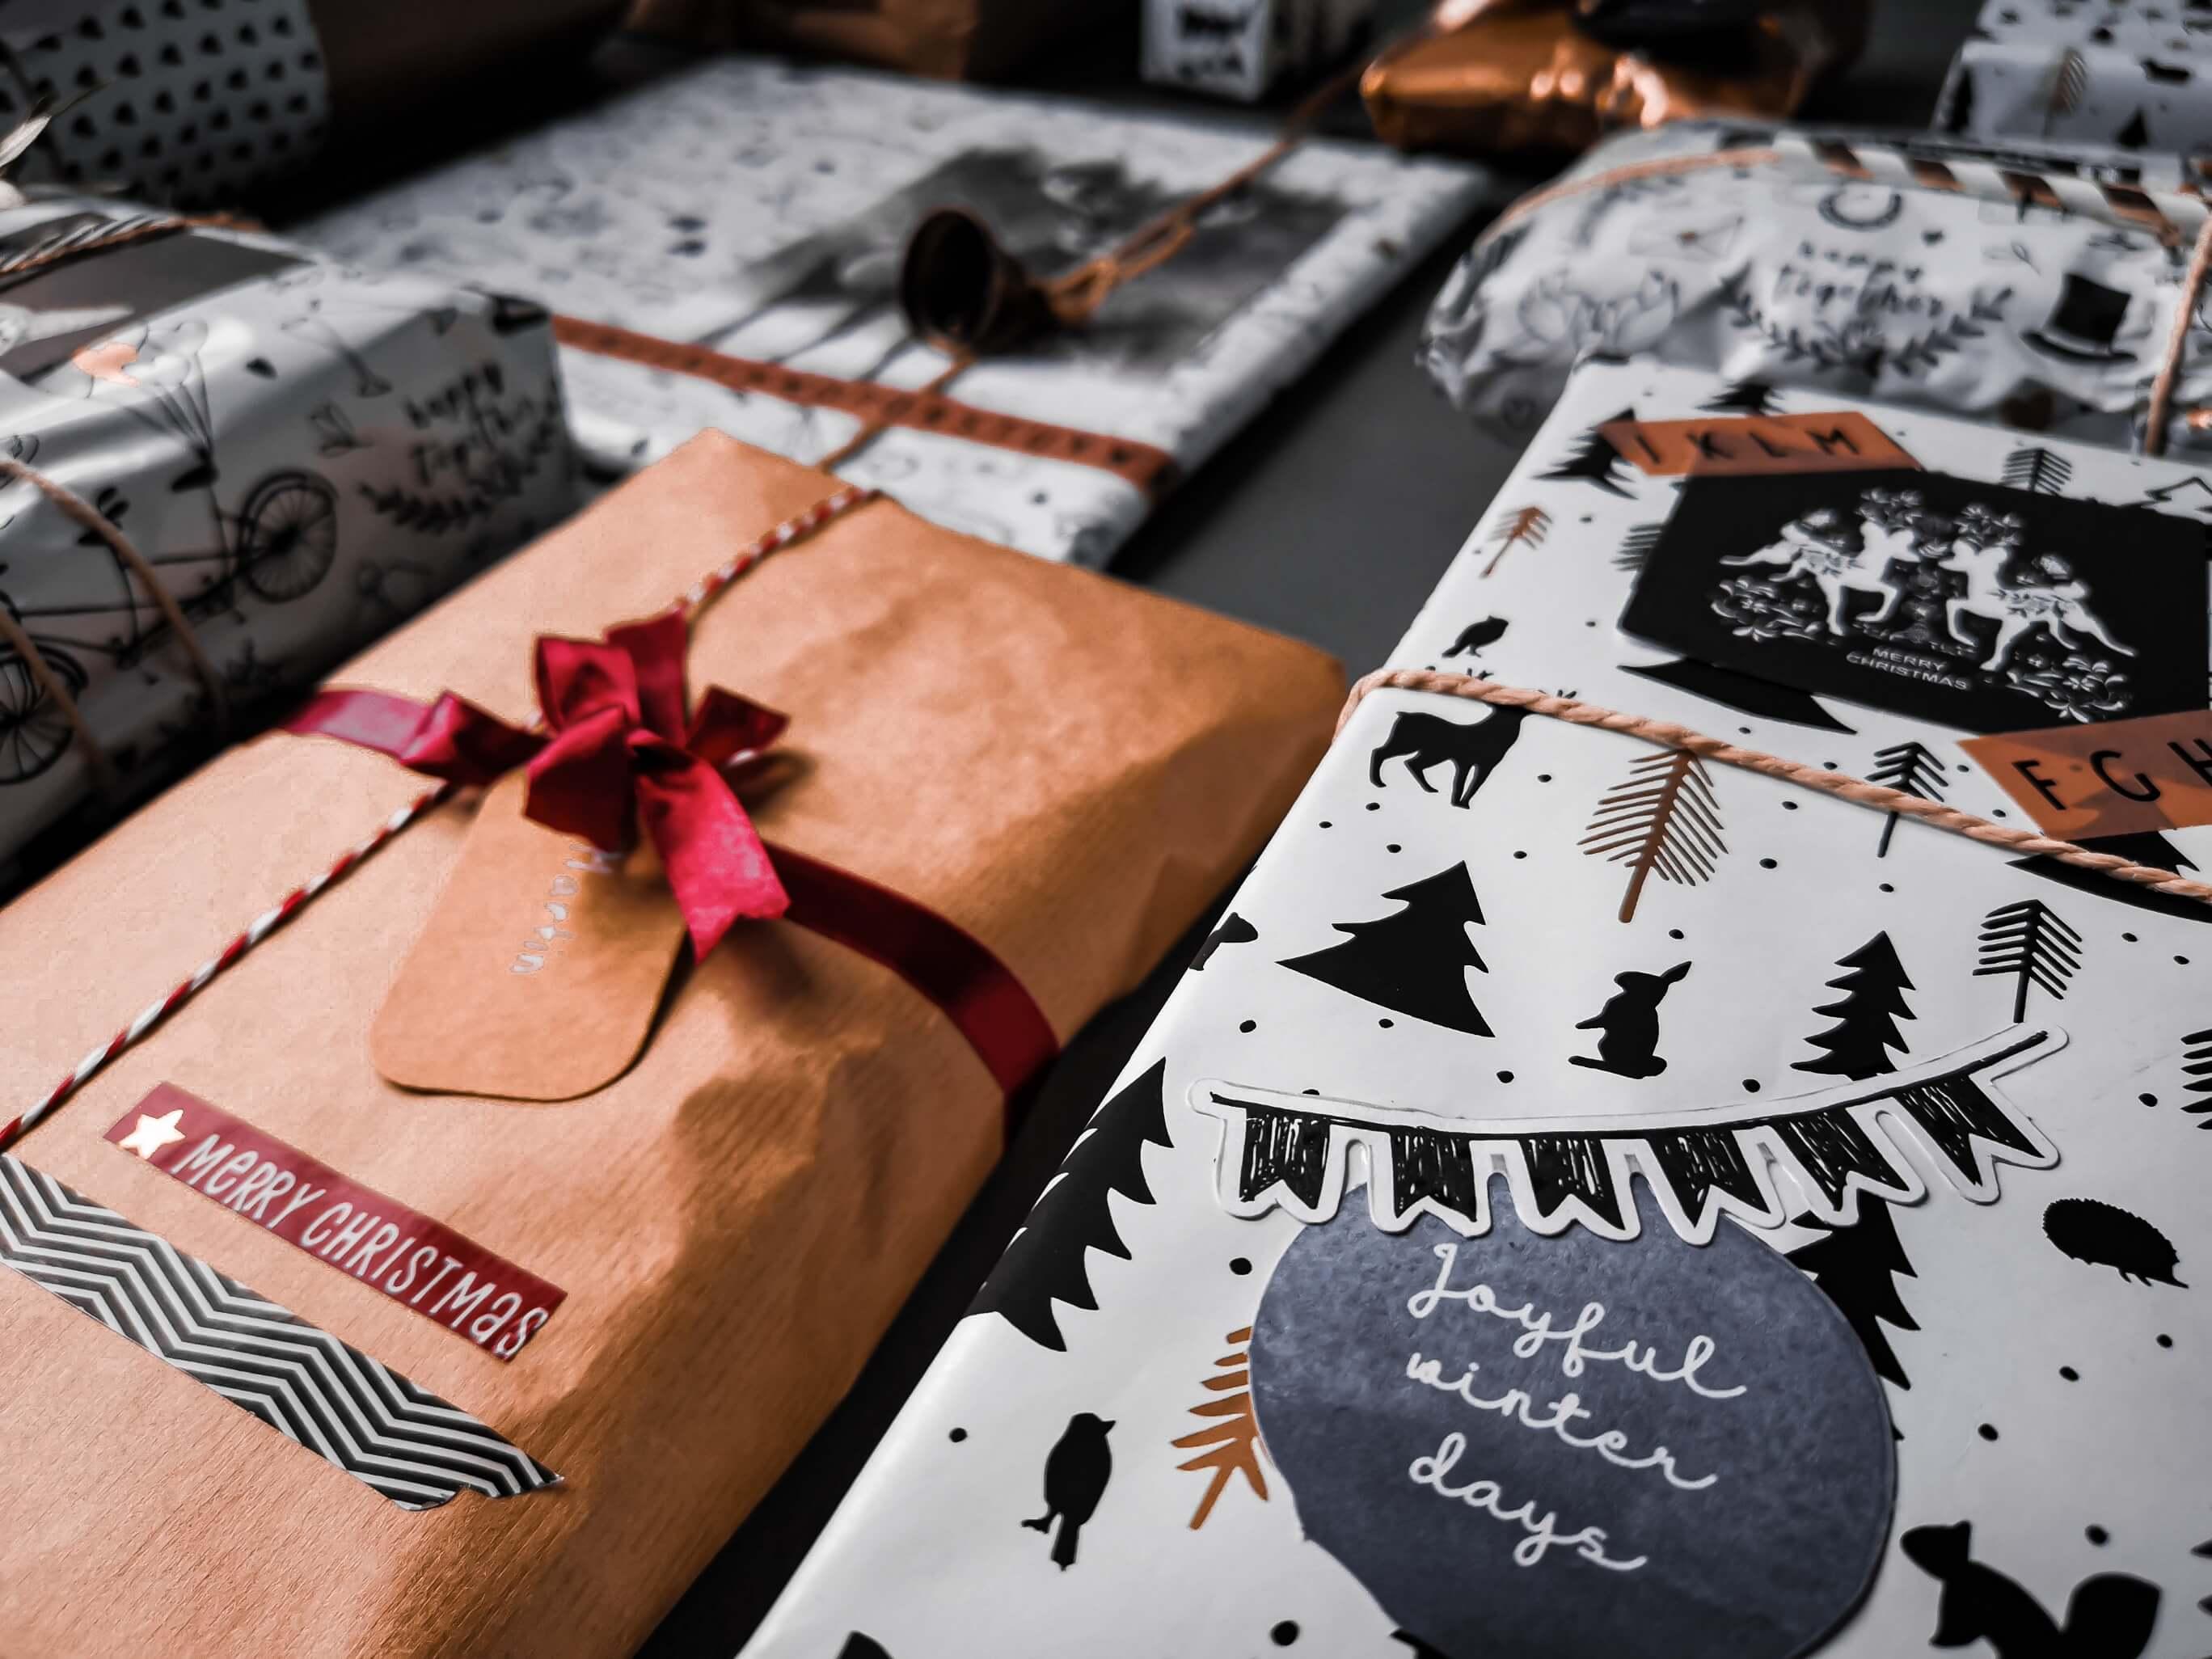 IMG 20191207 110558 resized 20191208 060331890 - 11 tipov ako zabaliť vianočné darčeky originálne a kreatívne